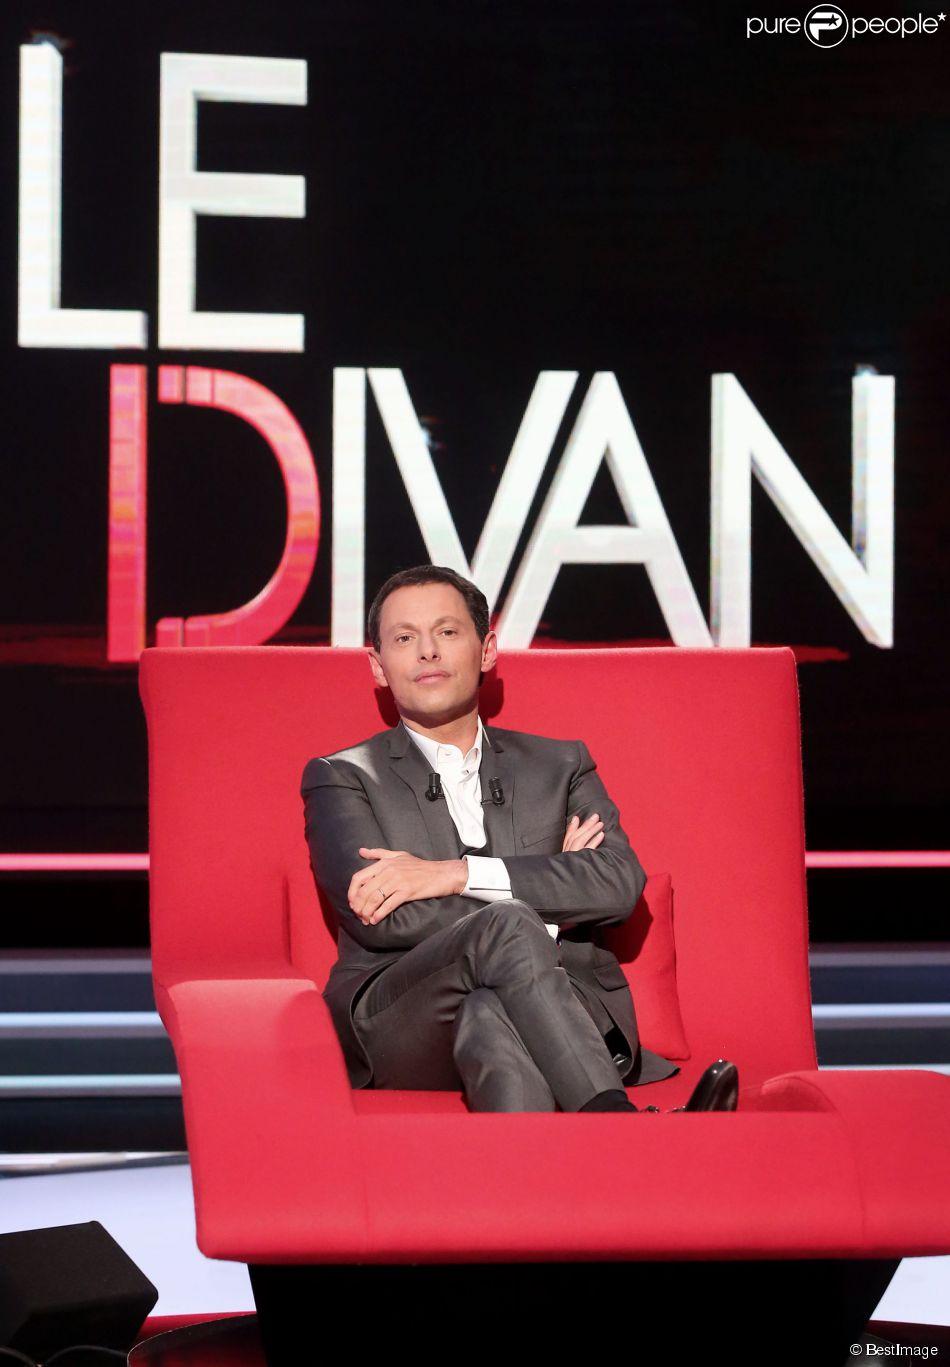 Exclusif - Marc-Olivier Fogiel a pris la place de ses invités dans le fameux fauteuil rouge de son émission  Le Divan , à Paris le 13 mars 2015.